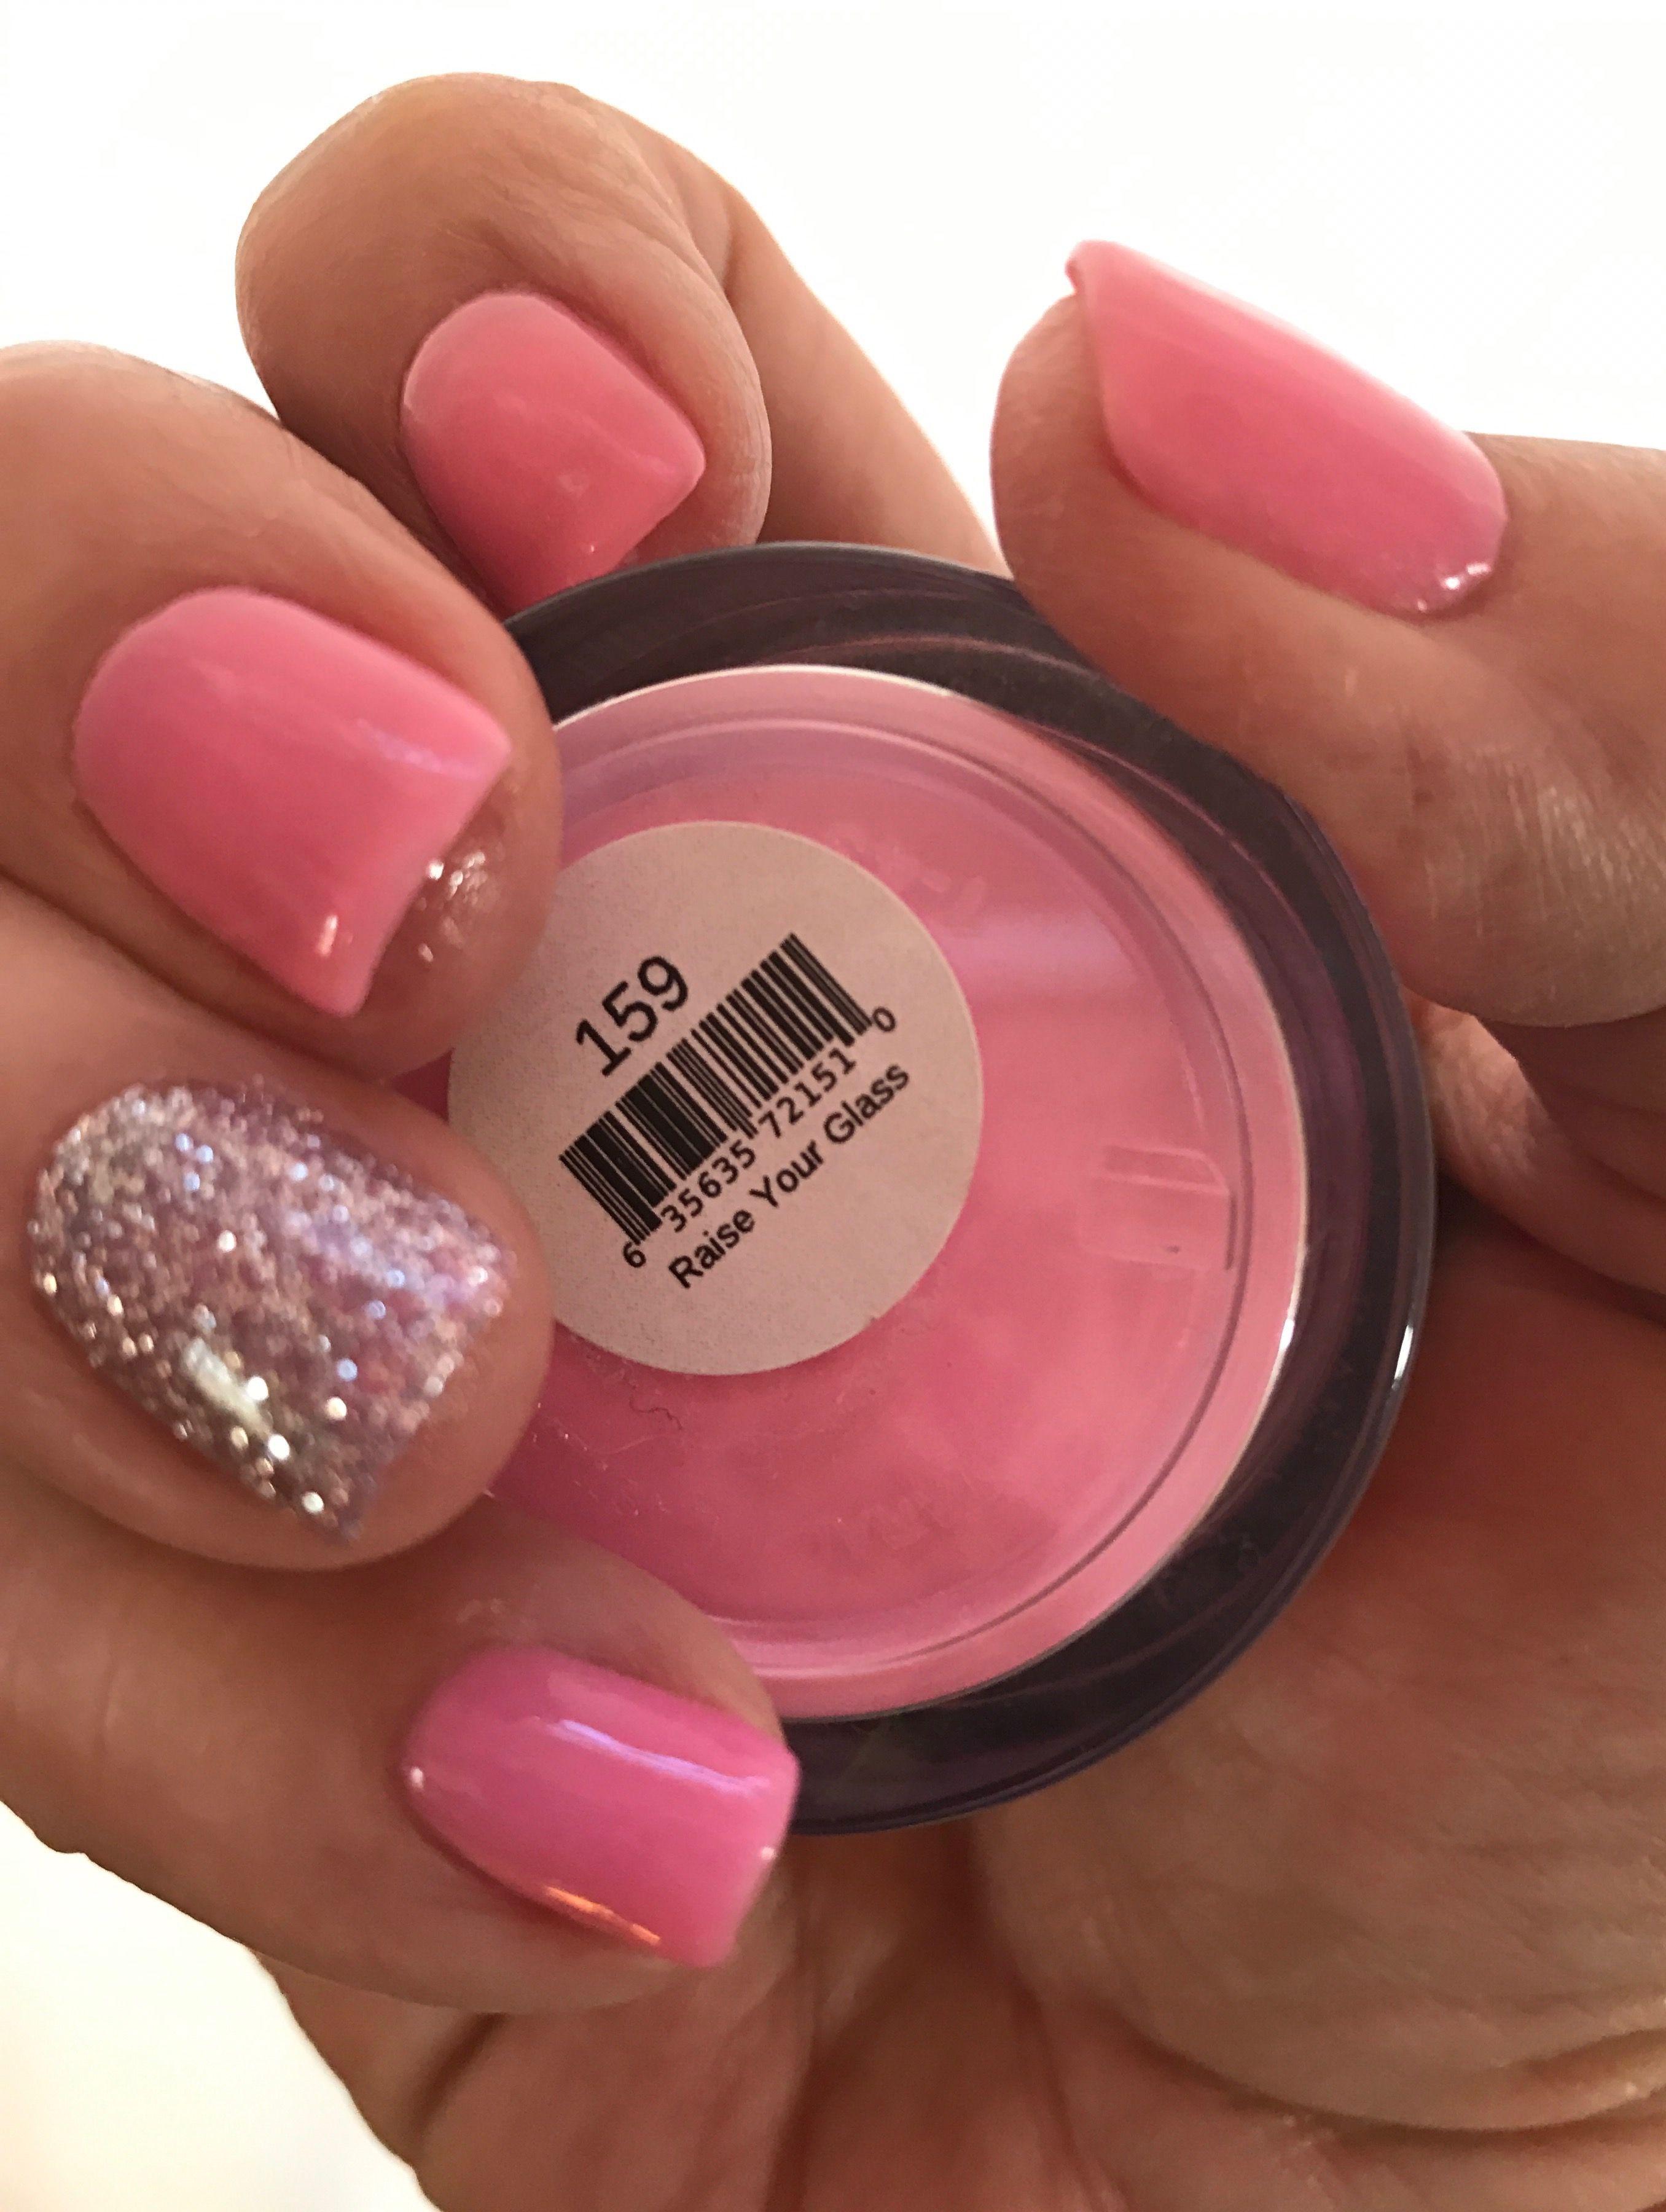 SNS Nail colors | Nails | Pinterest | Sns nails, Dipped nails and Dips